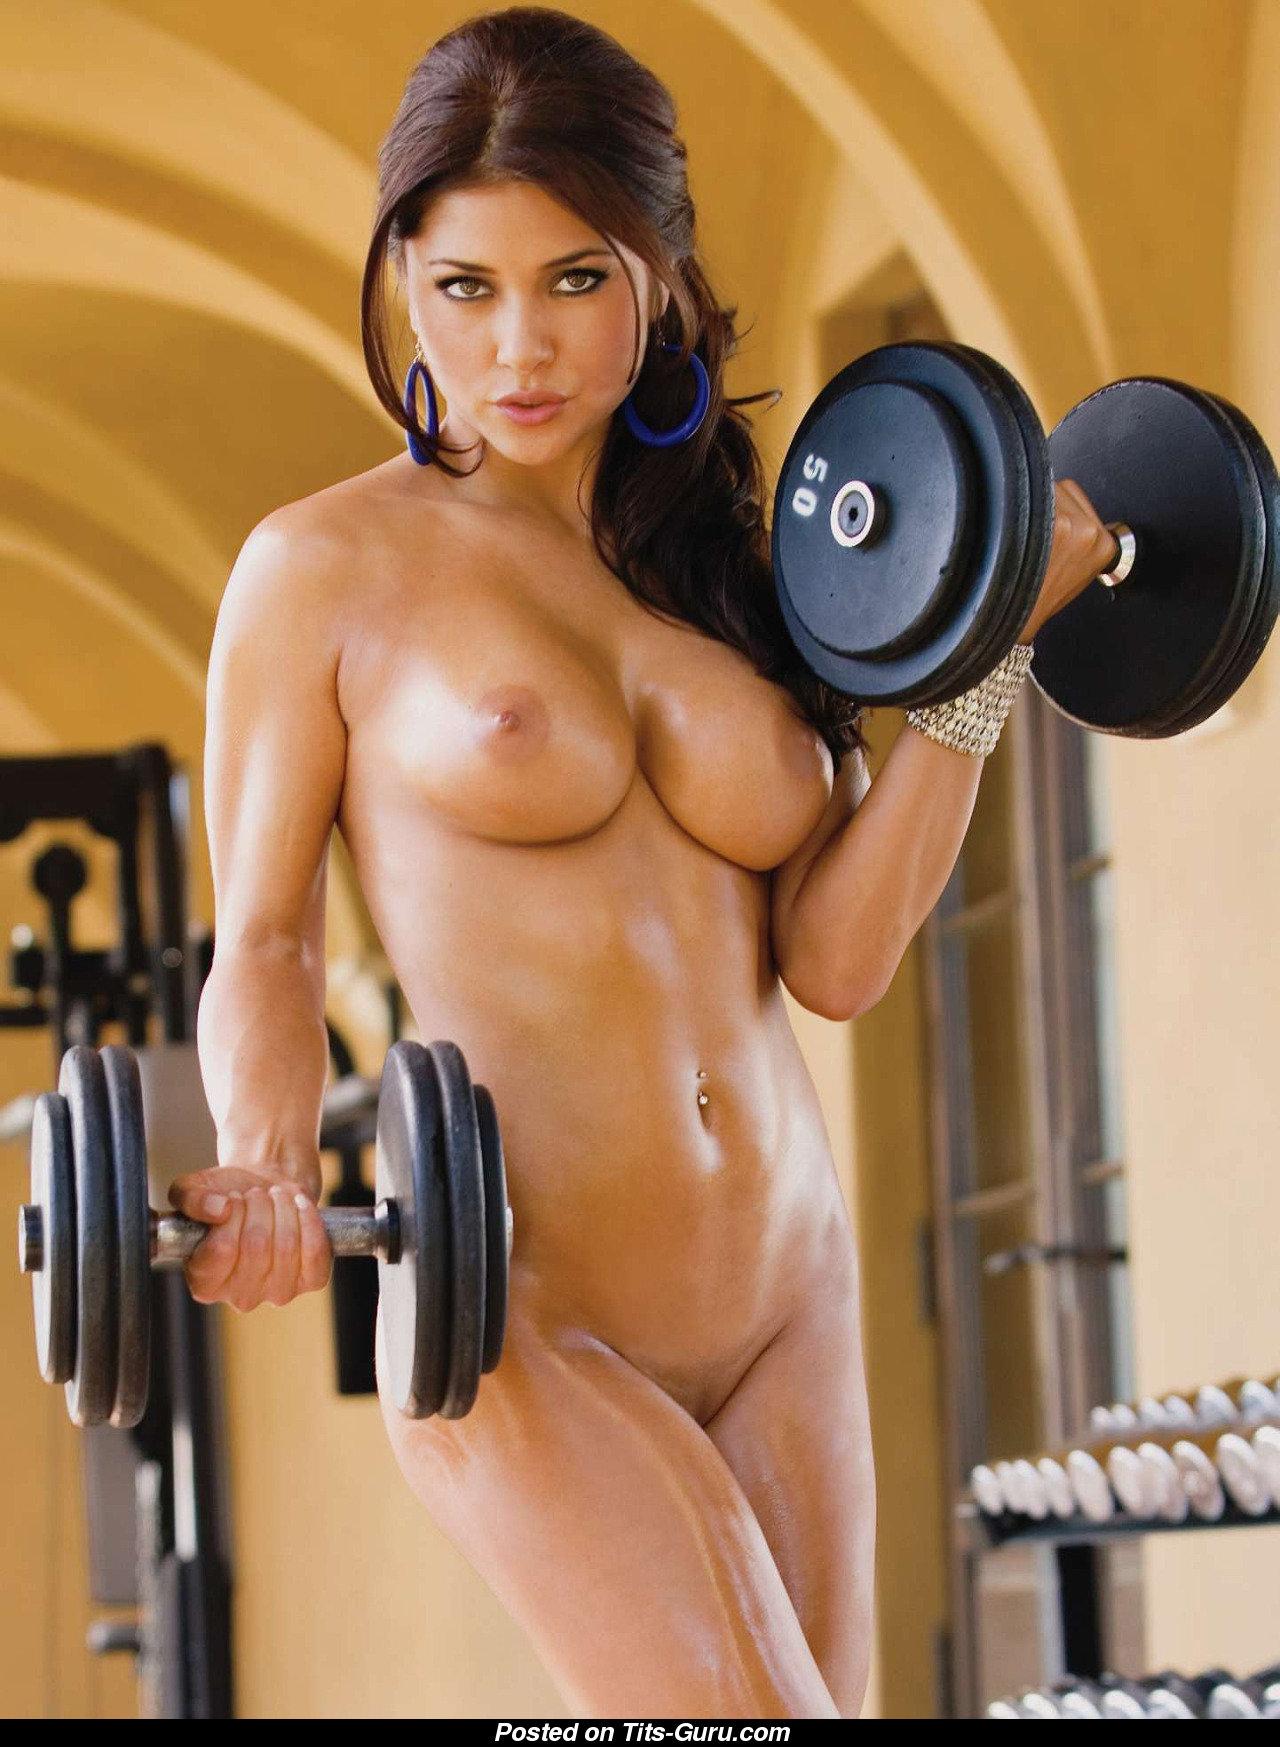 Секси фото кузнецова спортсменка